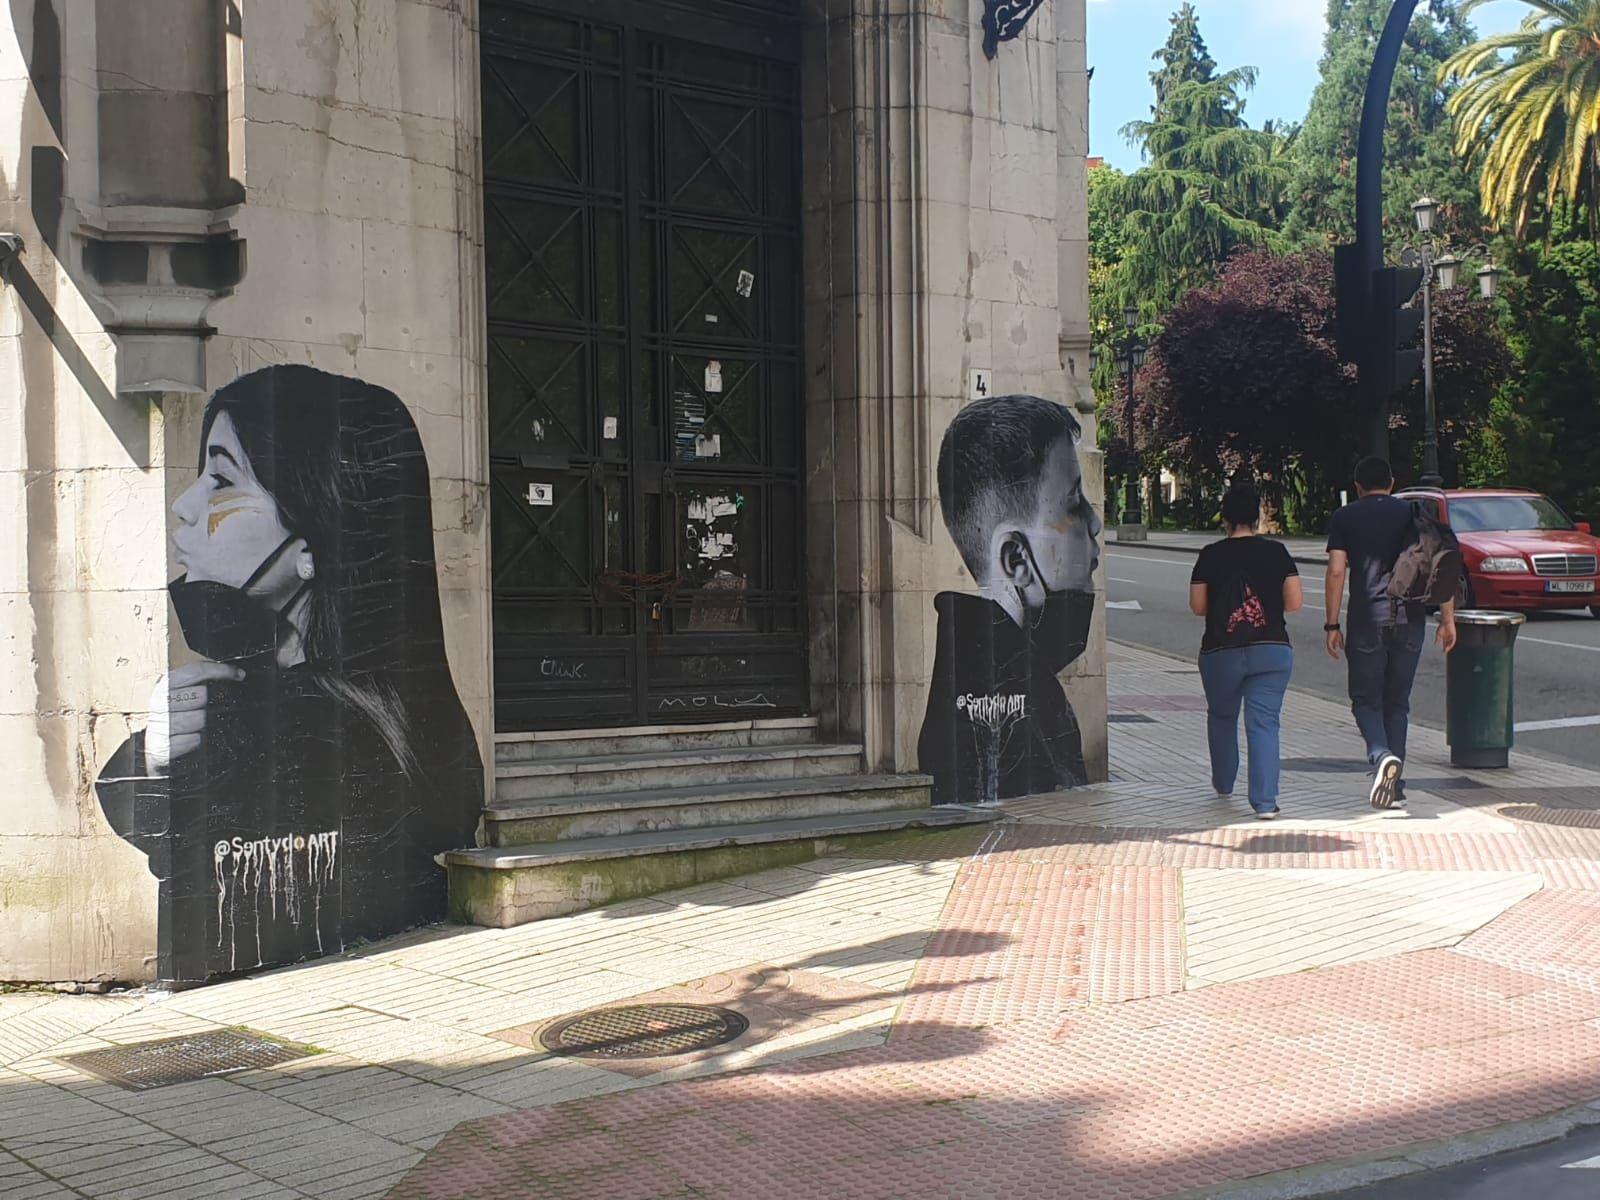 El arte invade las calles de Oviedo